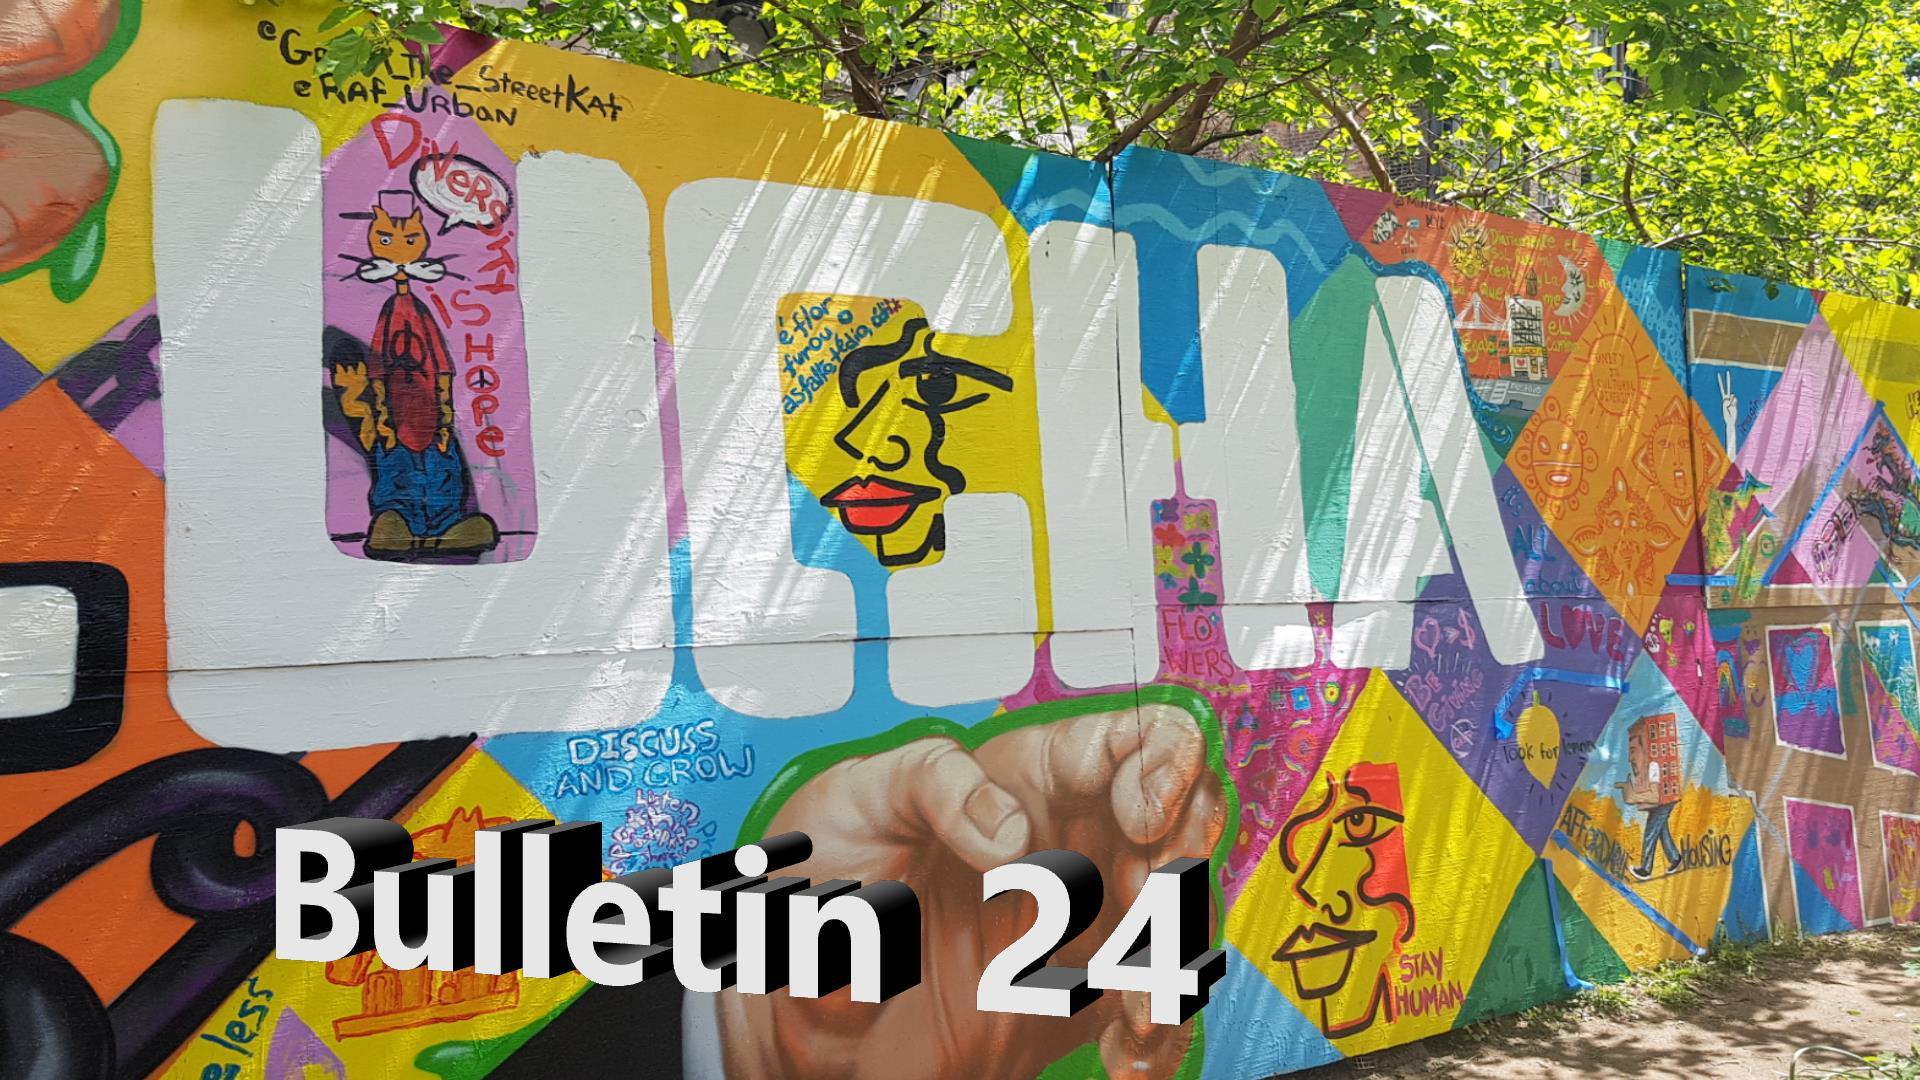 Bulletin 24, June 13